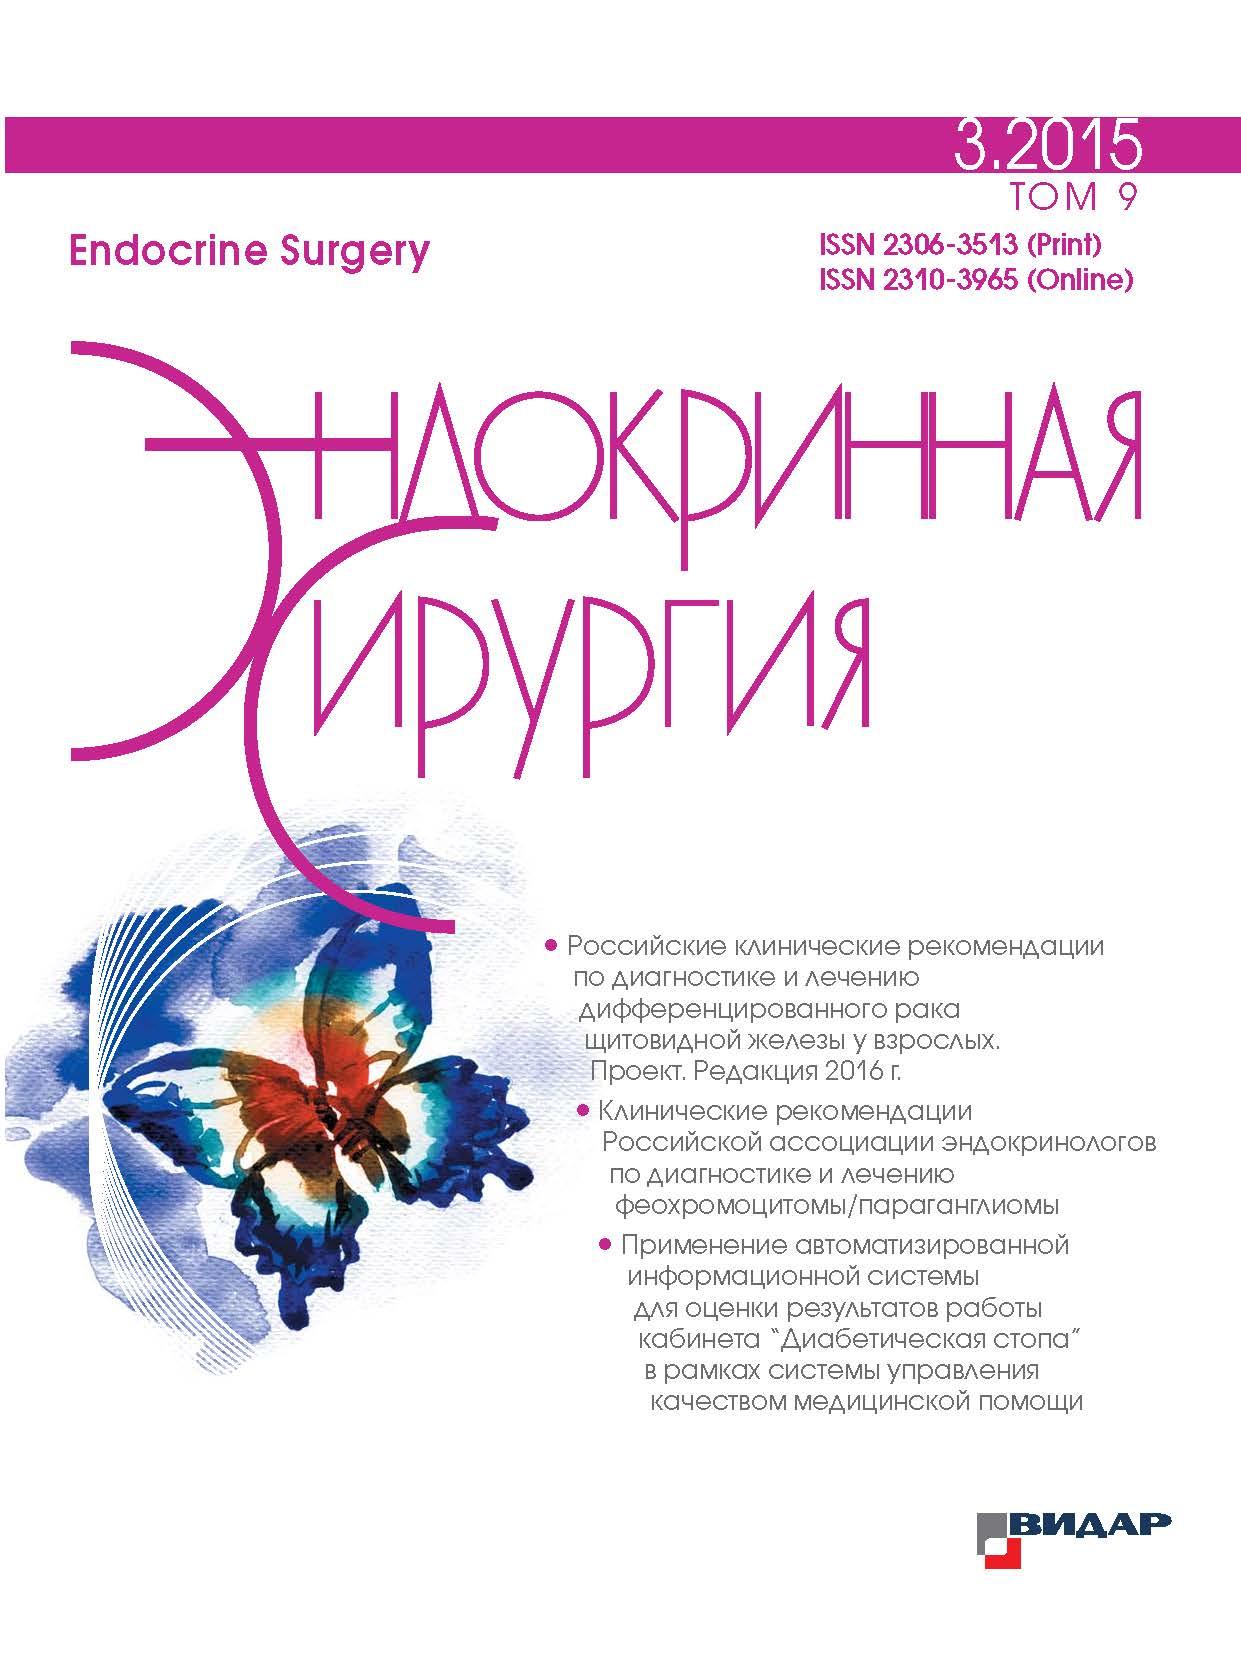 Феохромоцитома: что это такое, причины, симптомы, лечение, прогноз